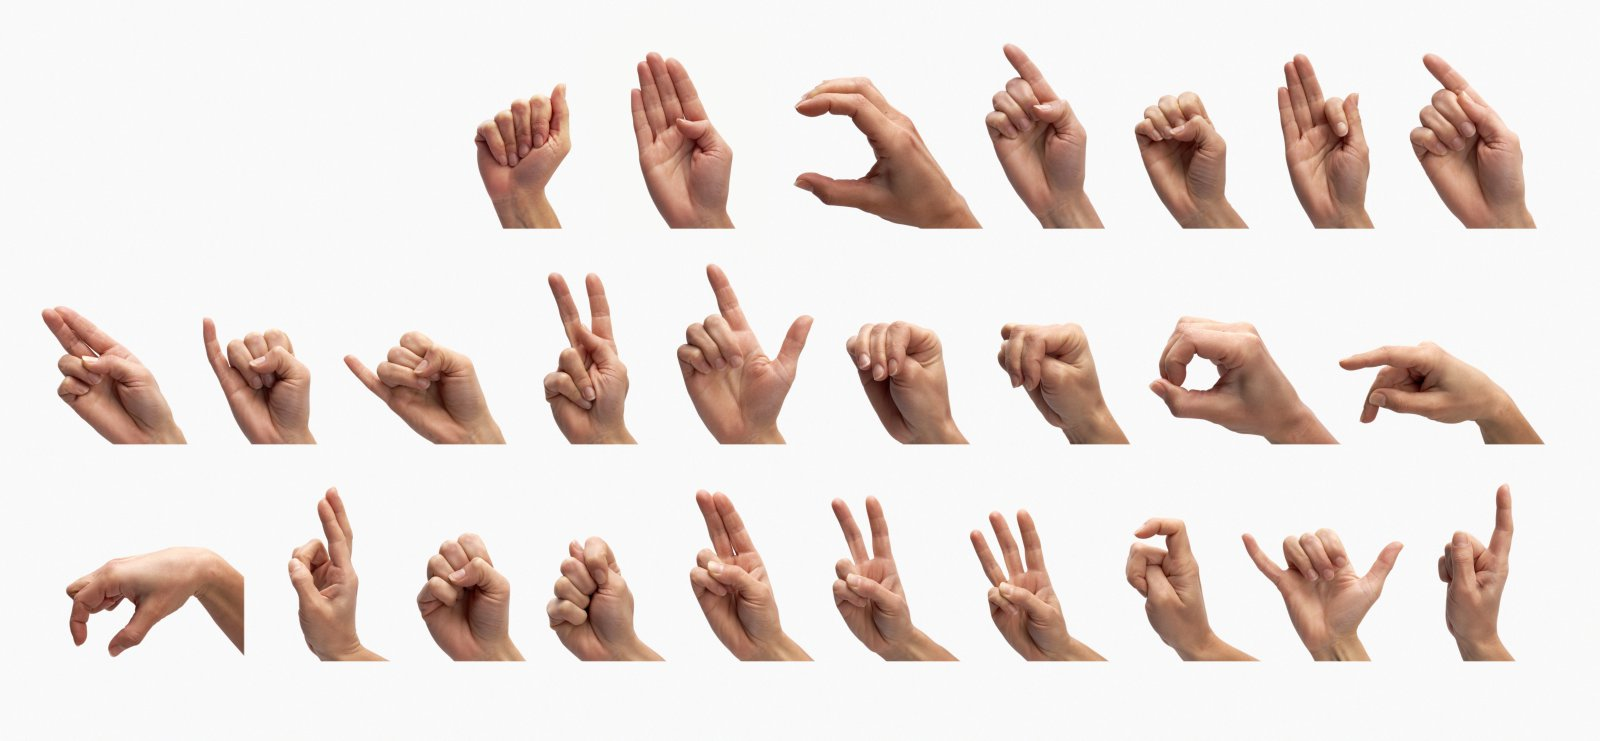 Ya puedes aprender Lenguaje de signos con la ayuda de estos GIFs